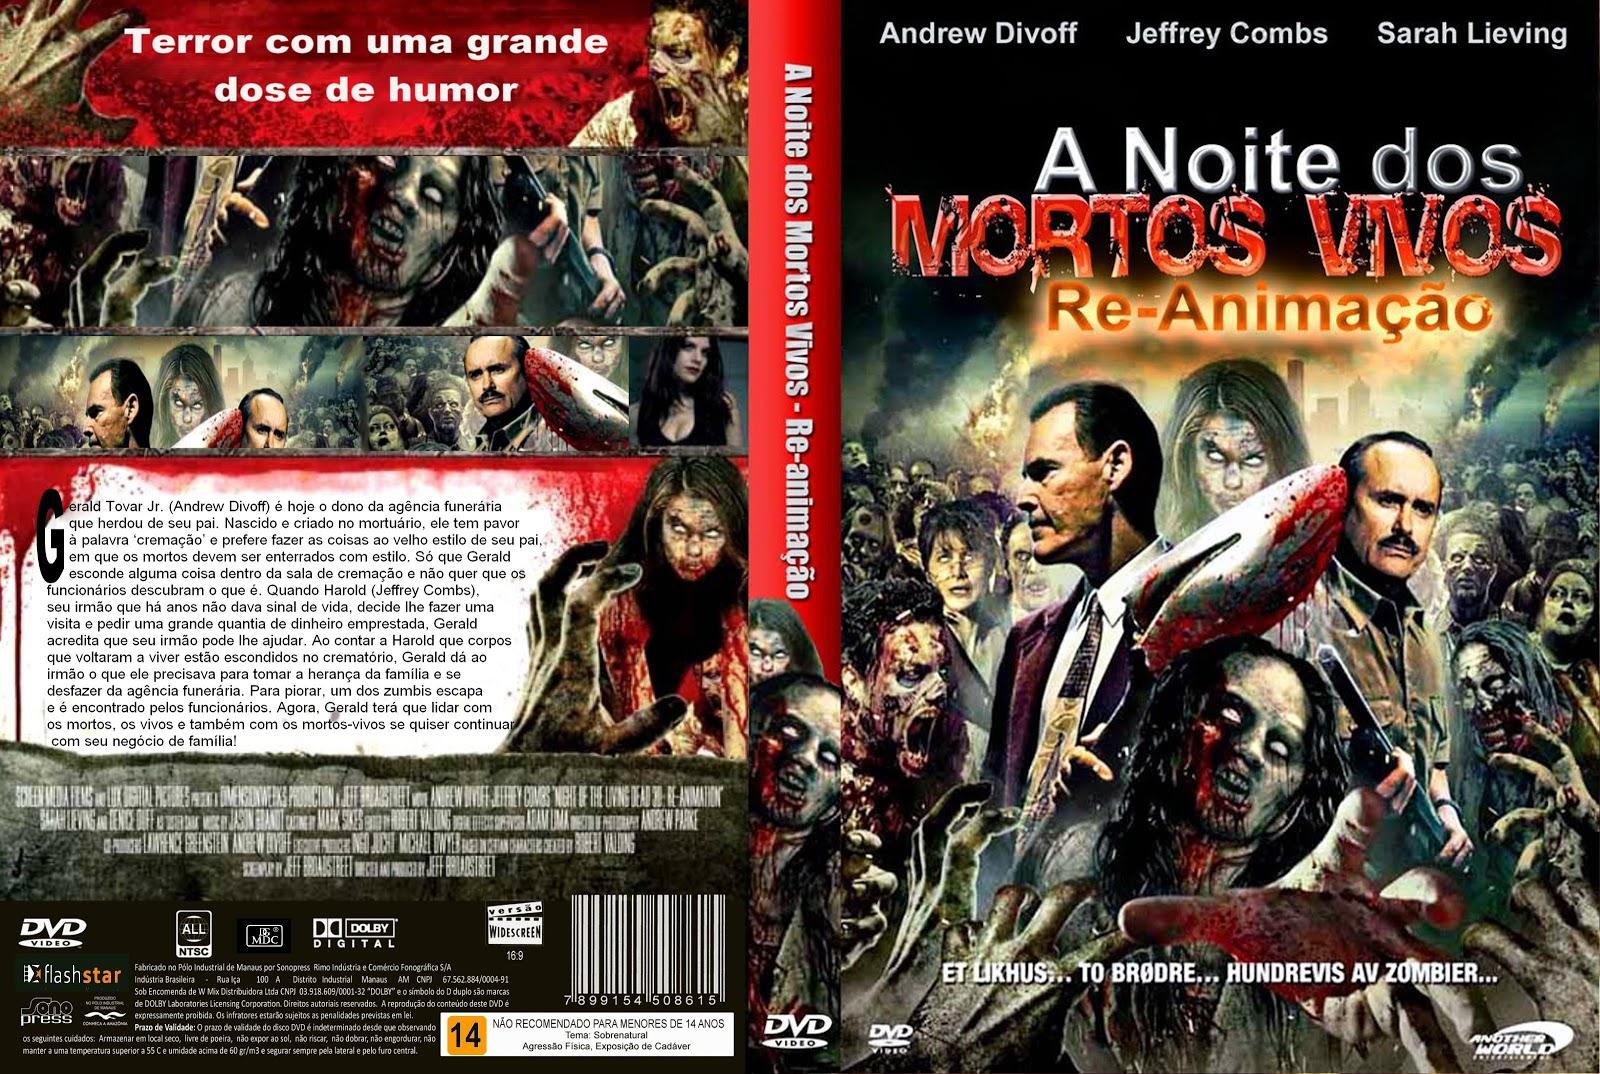 Filme Mortos Vivos with regard to sergipe capas: a noite dos mortos vivos